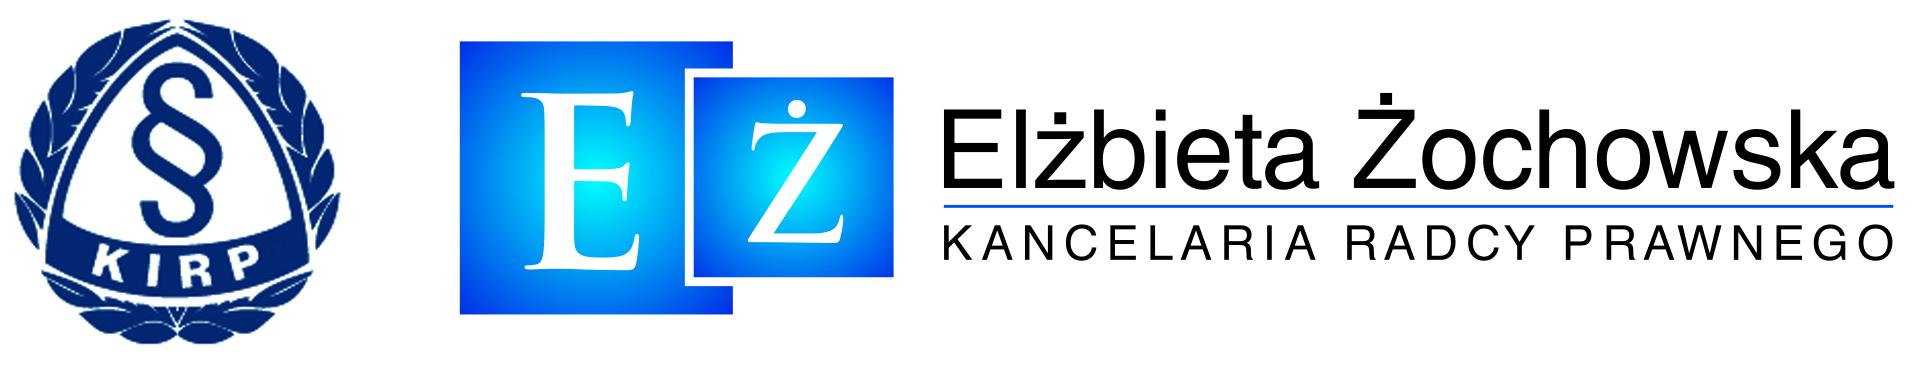 Radca Prawny Siedlce | Kancelaria Radcy Prawnego Elżbieta Żochowska